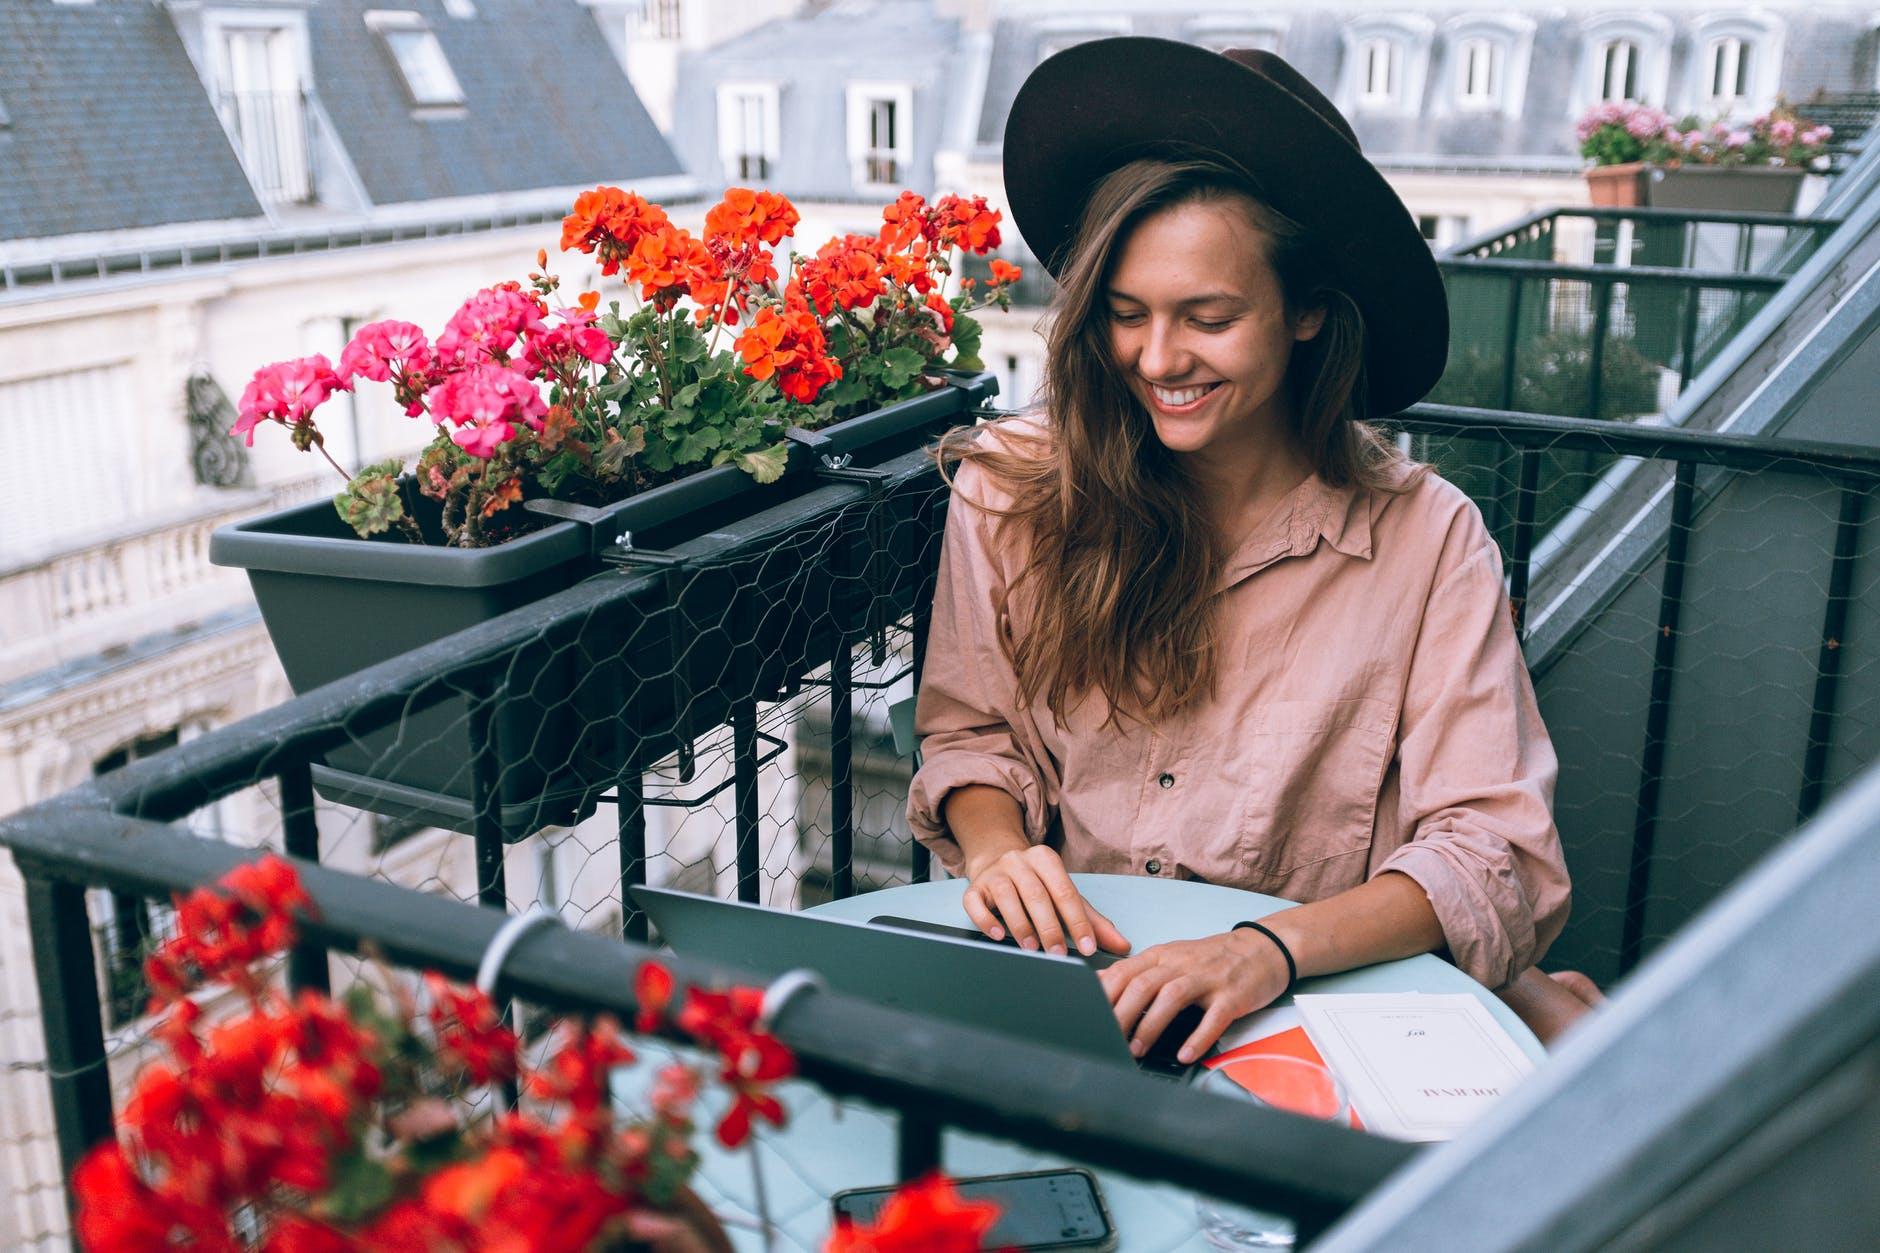 Comment gagner de l'argent en bloguant en 2020